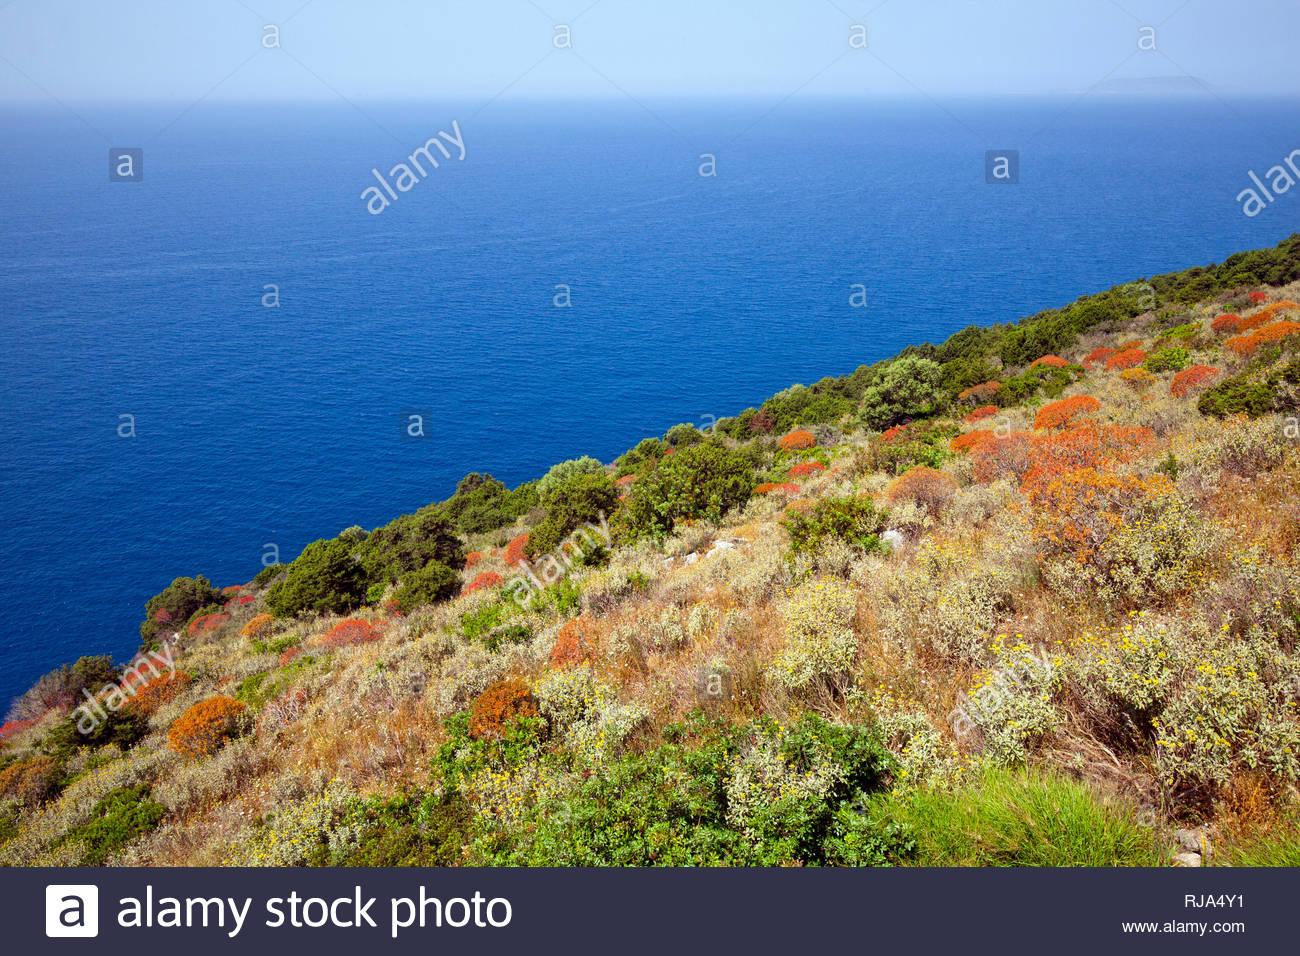 Macchia wächst auf Steilhang über dem Meer in Griechenland - Stock Image